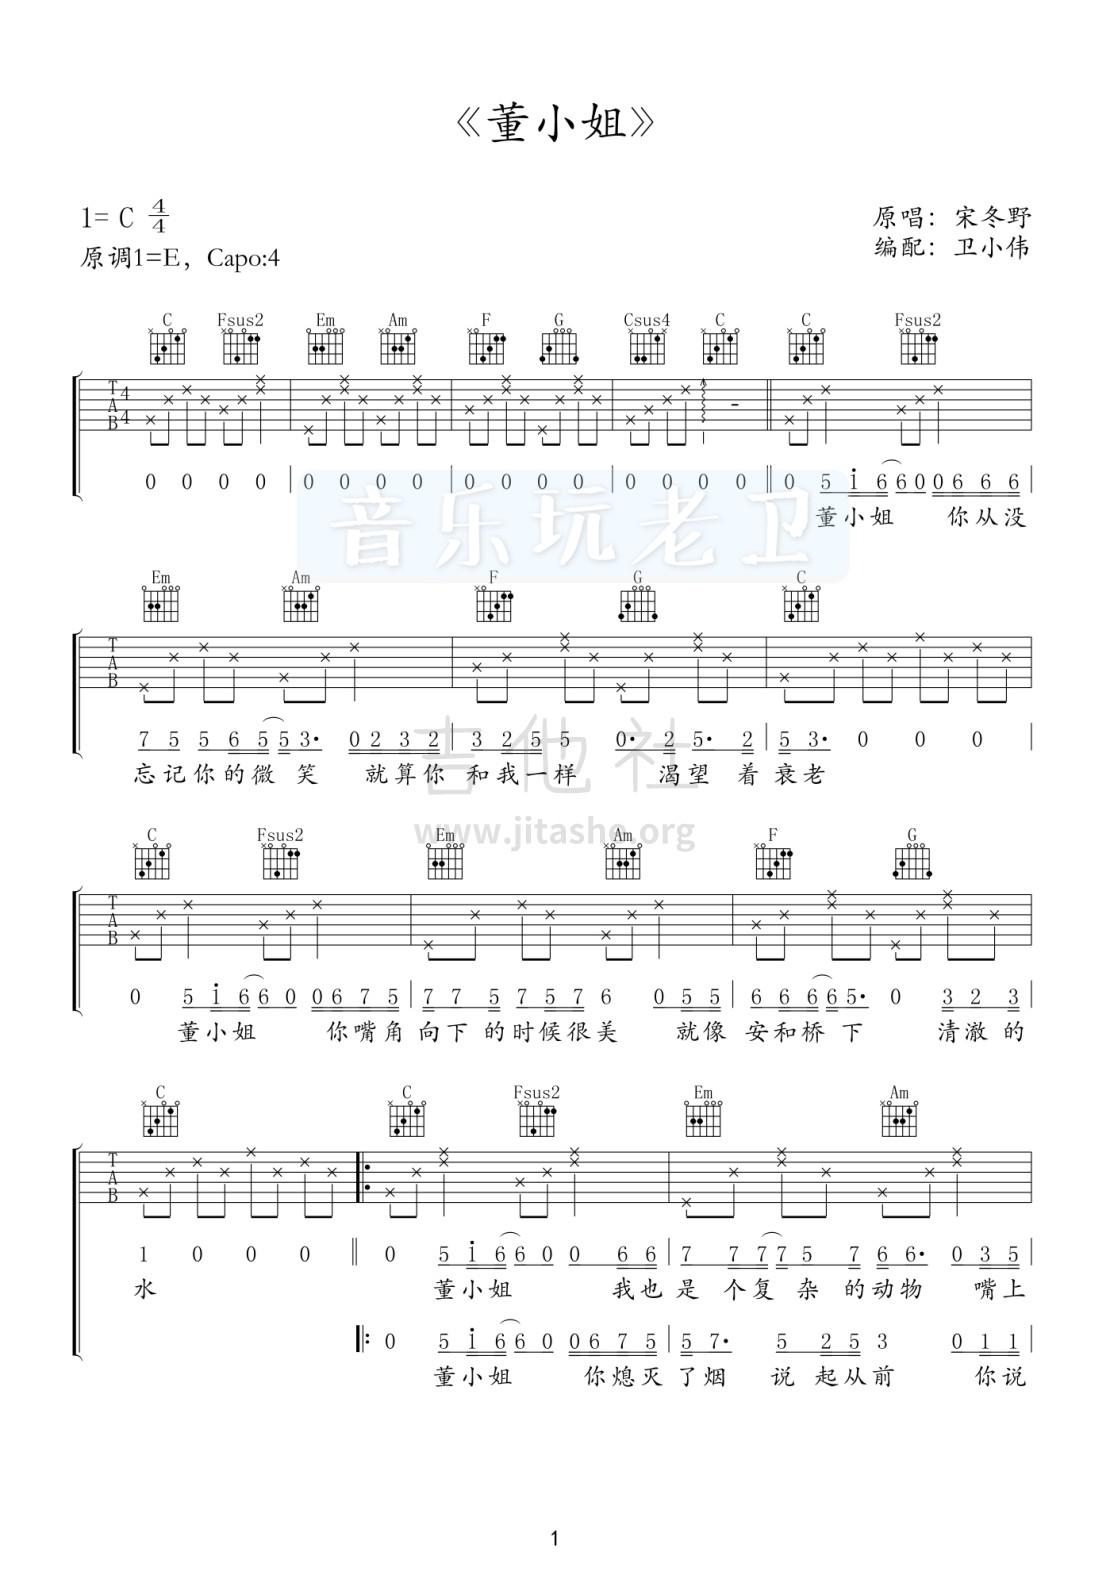 董小姐吉他谱(图片谱,弹唱,初级版,C调)_宋冬野_董小姐1